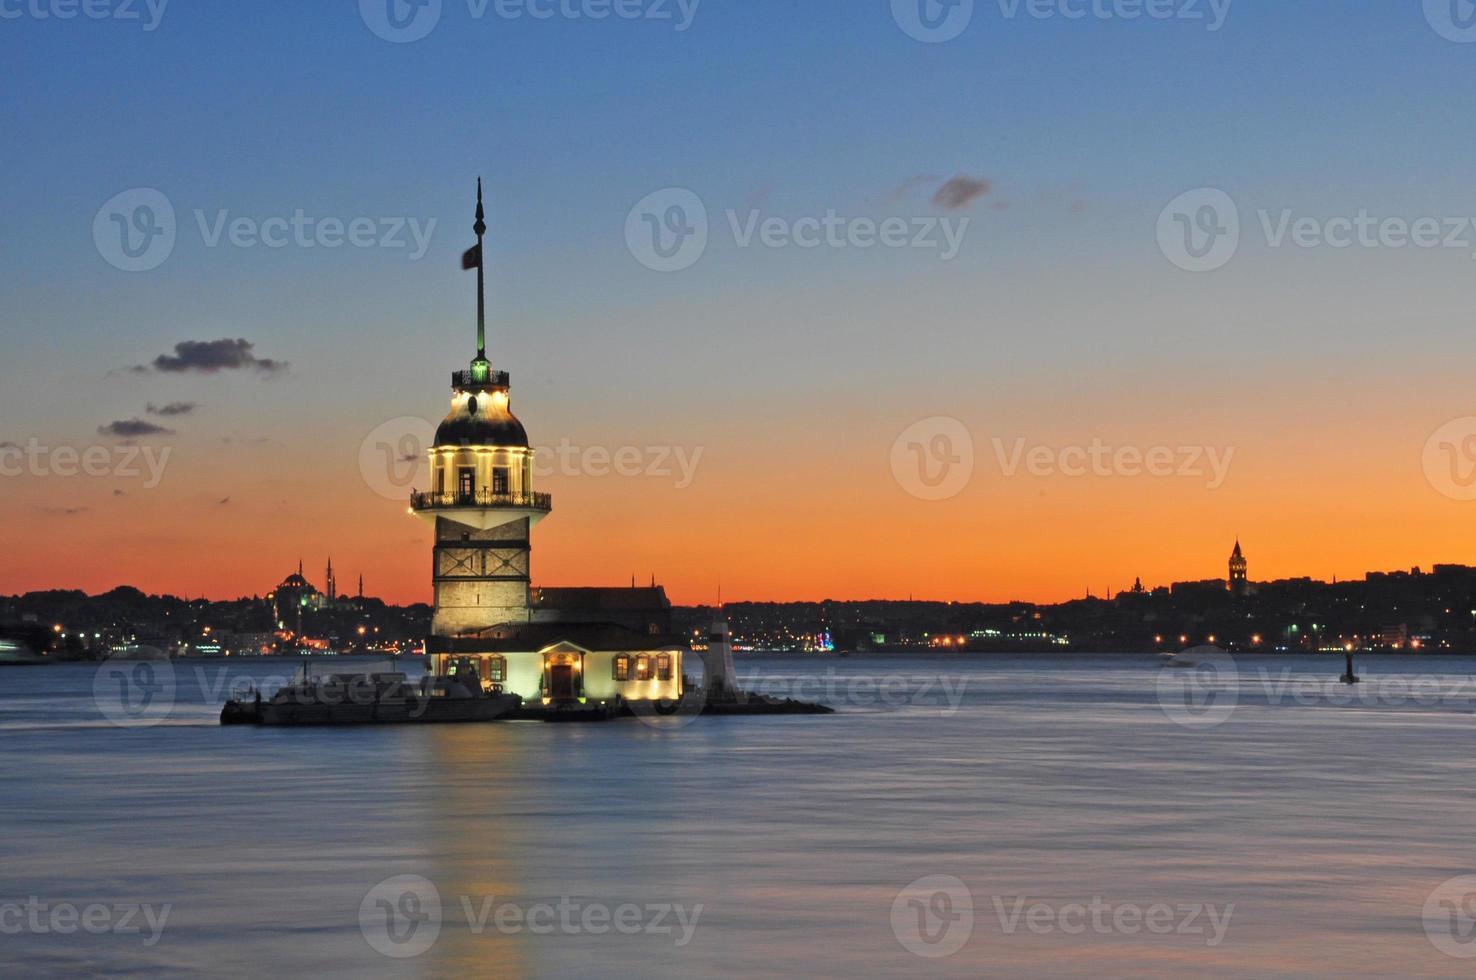 meisjestoren / kız kulesi foto